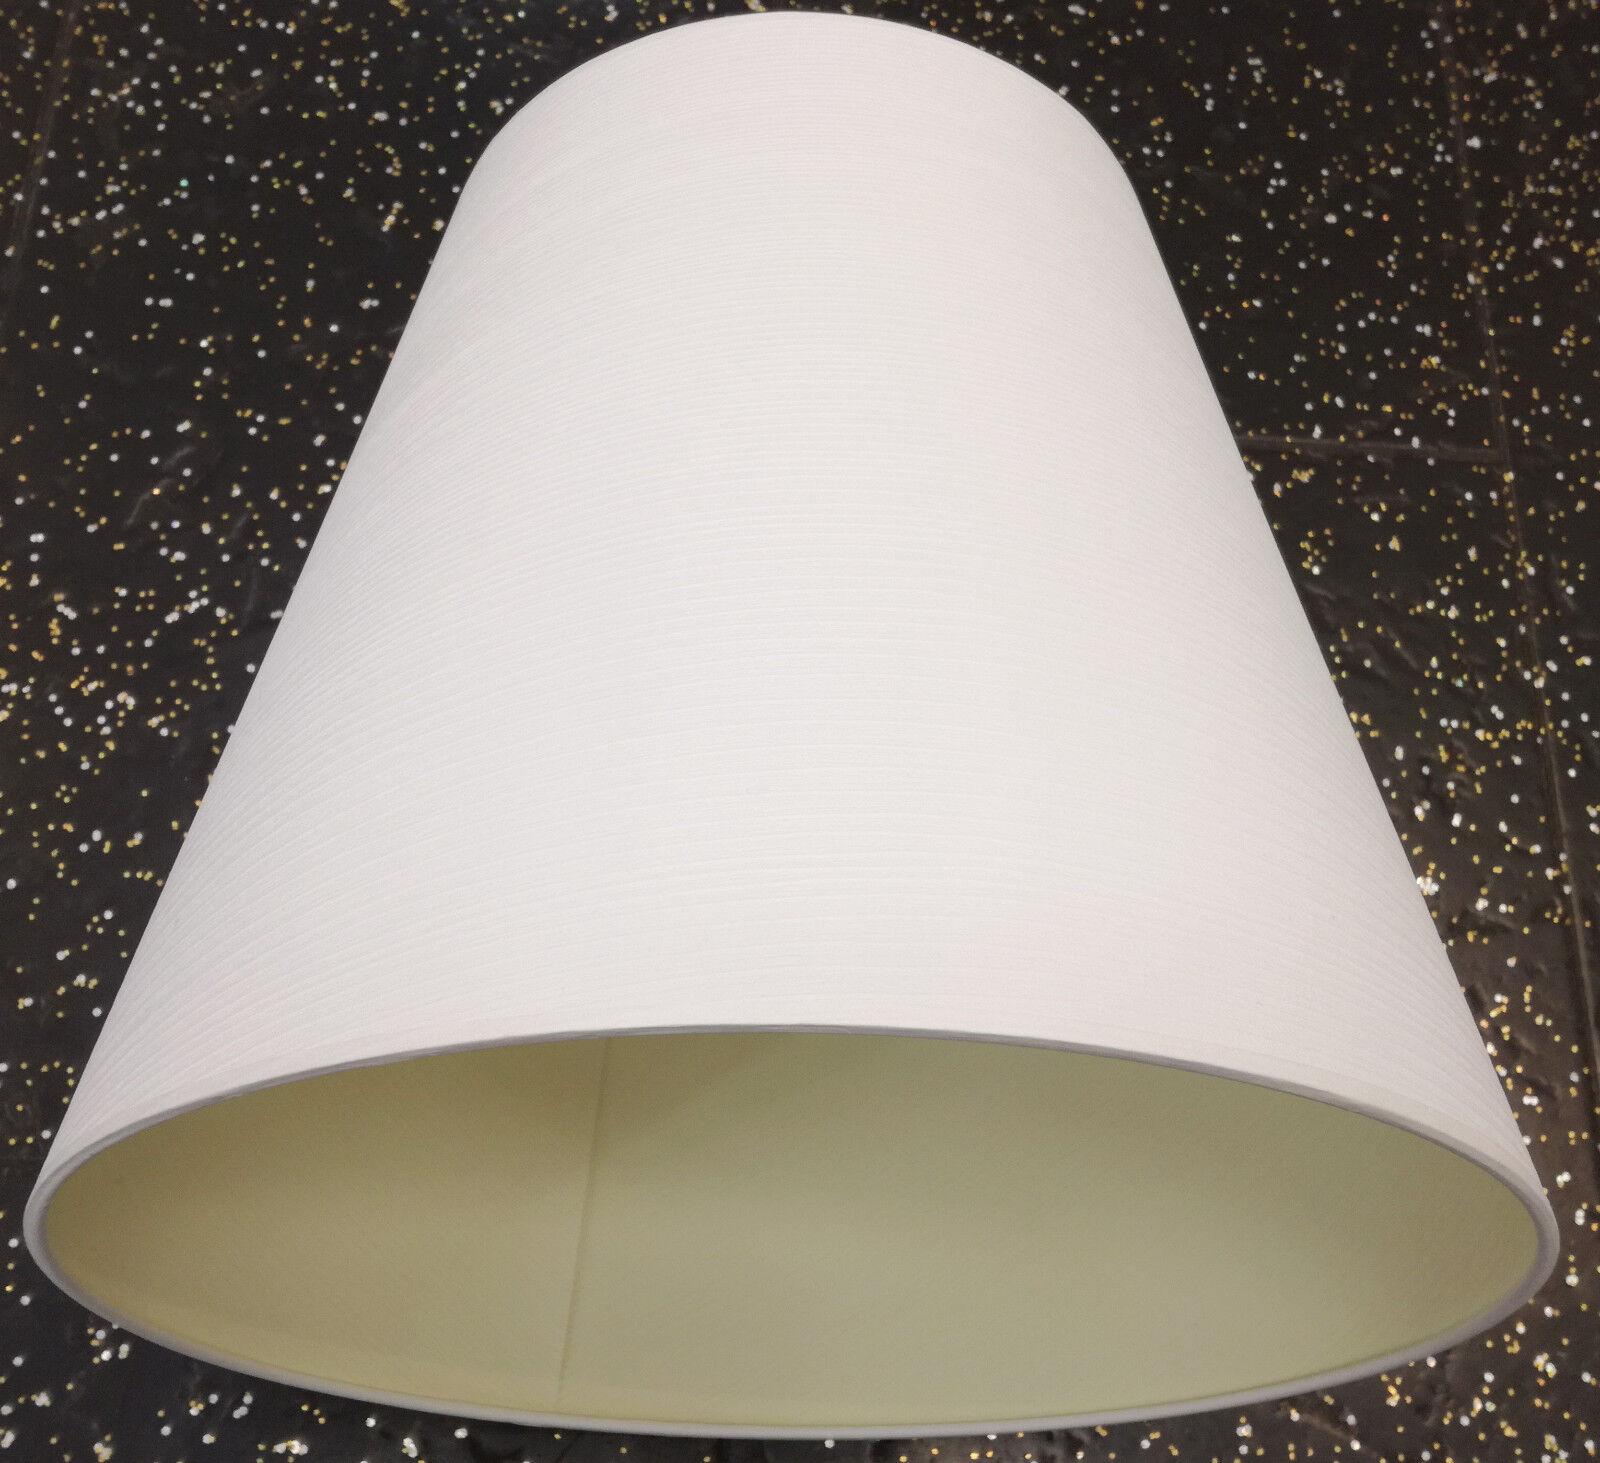 Paralume Paralume Paralume Cotone con delicati Strisce Tessuto Tessile Bianco ø34 cm e27 conica 0eb18d